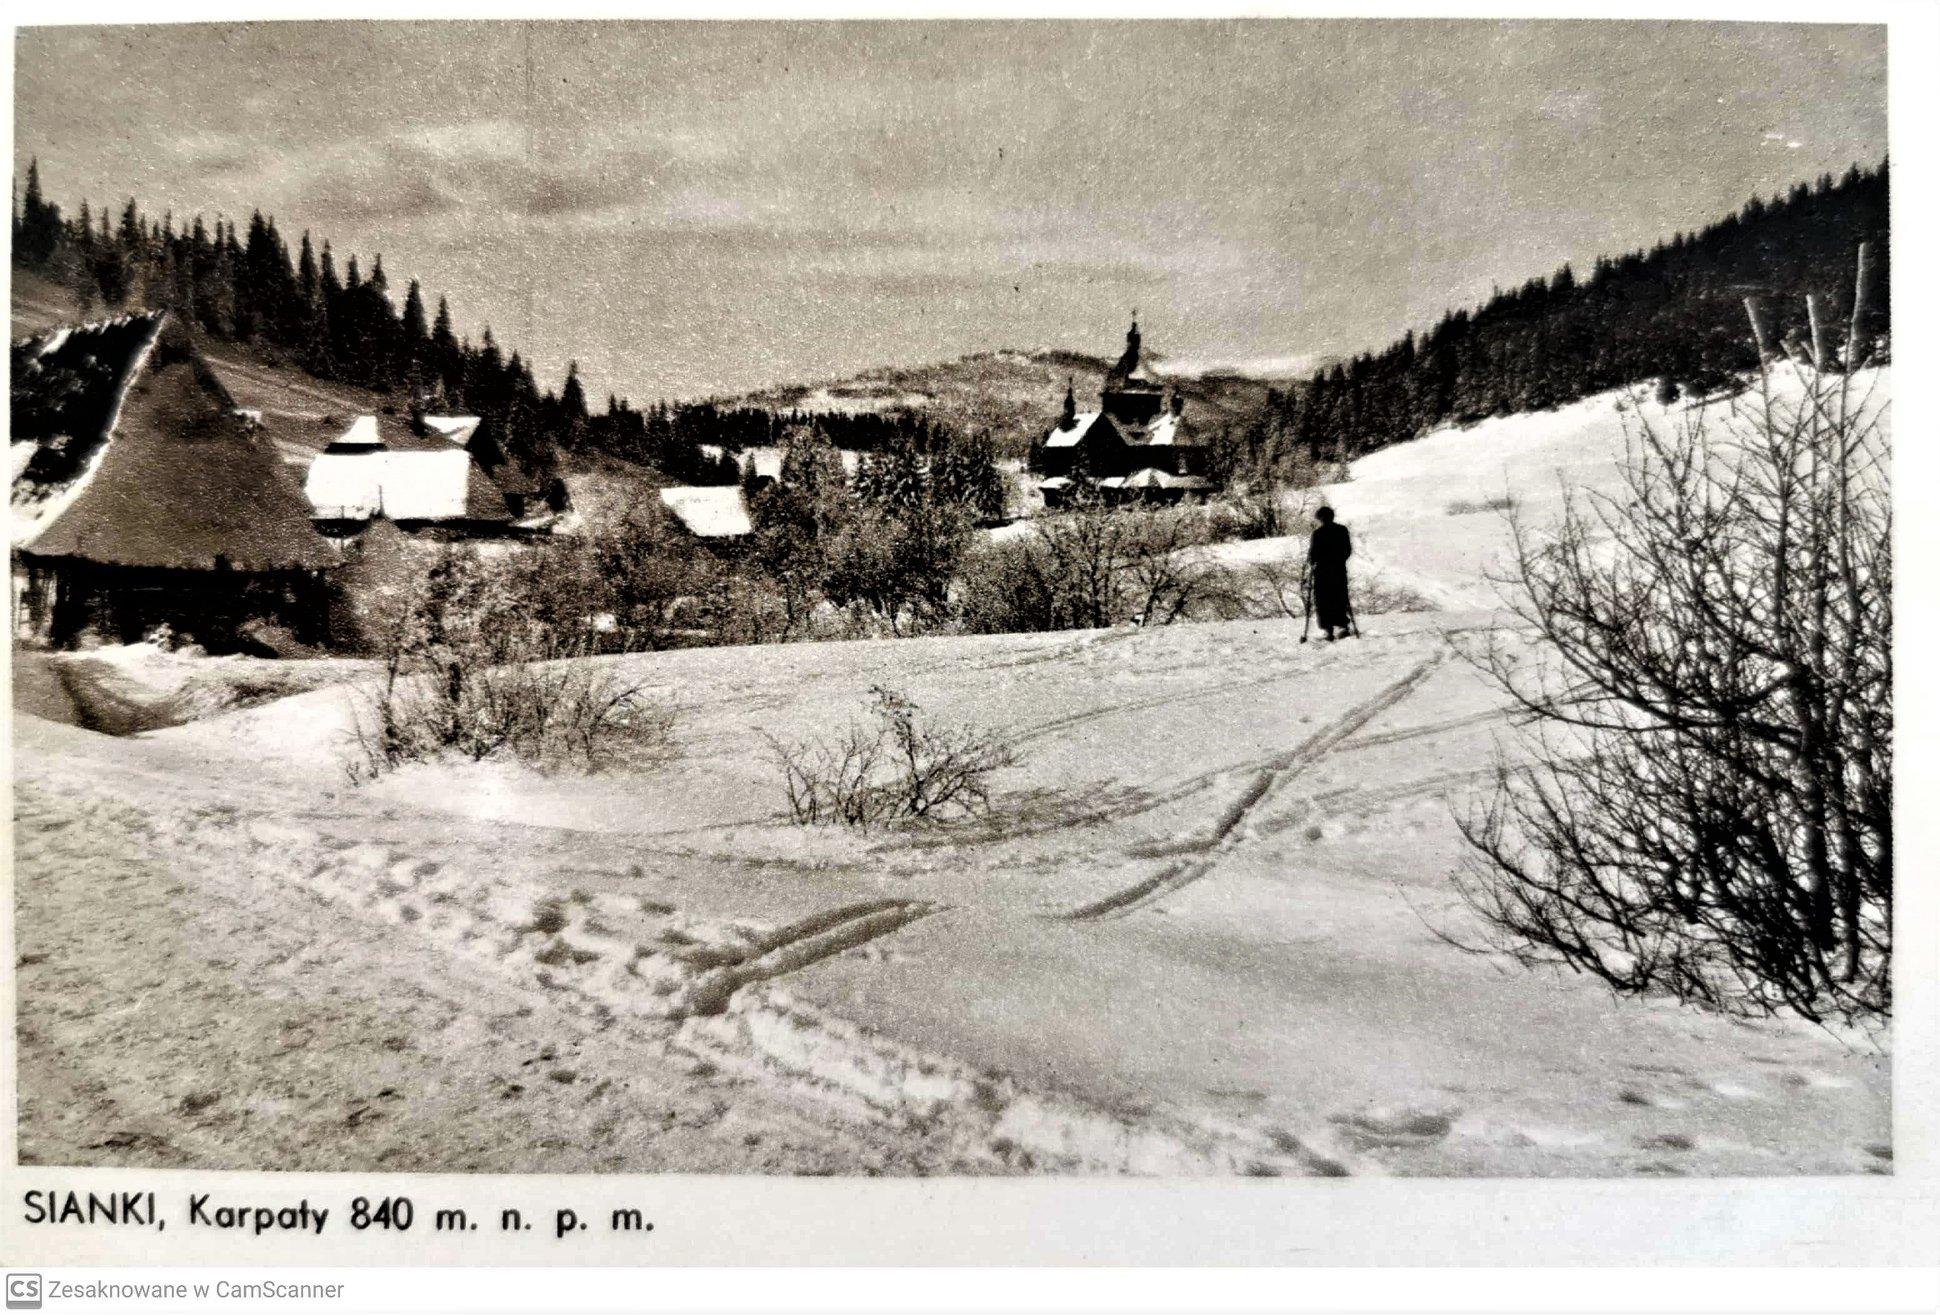 Przedwojenny kurort w Bieszczadach, który zniknął z mapy [ZDJĘCIA] - Zdjęcie główne